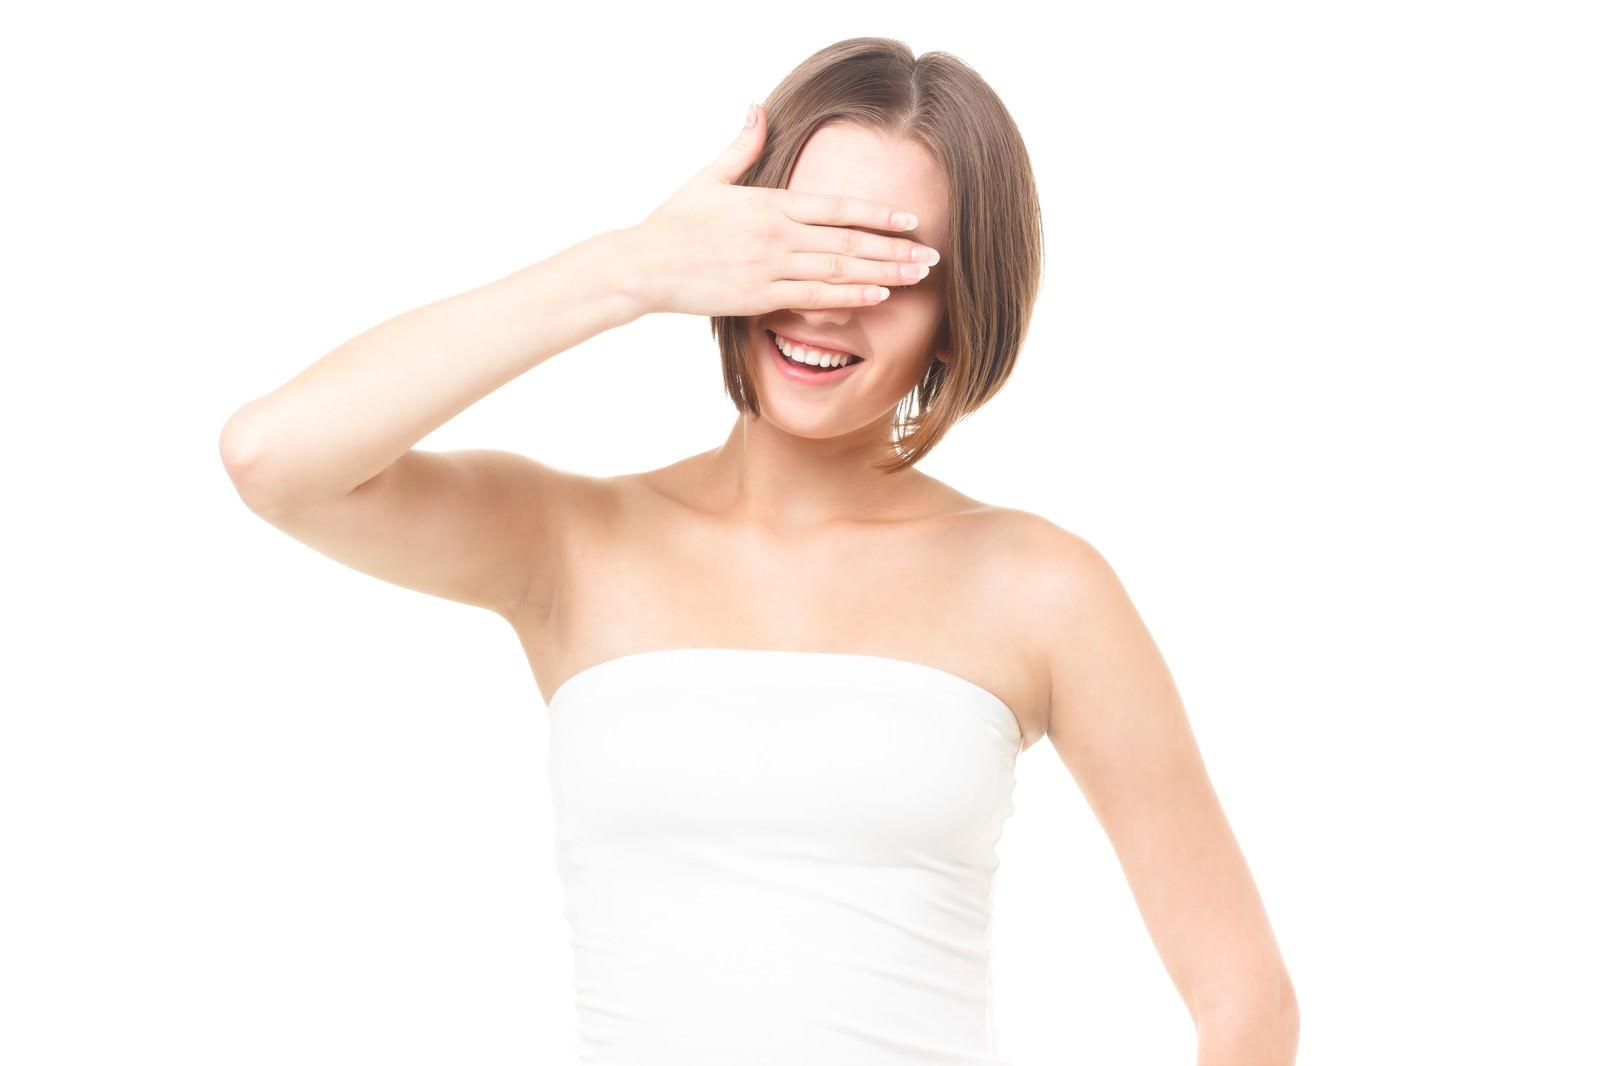 「美容のインタビューで自ら目線を隠す女性」の写真[モデル:モデルファクトリー]